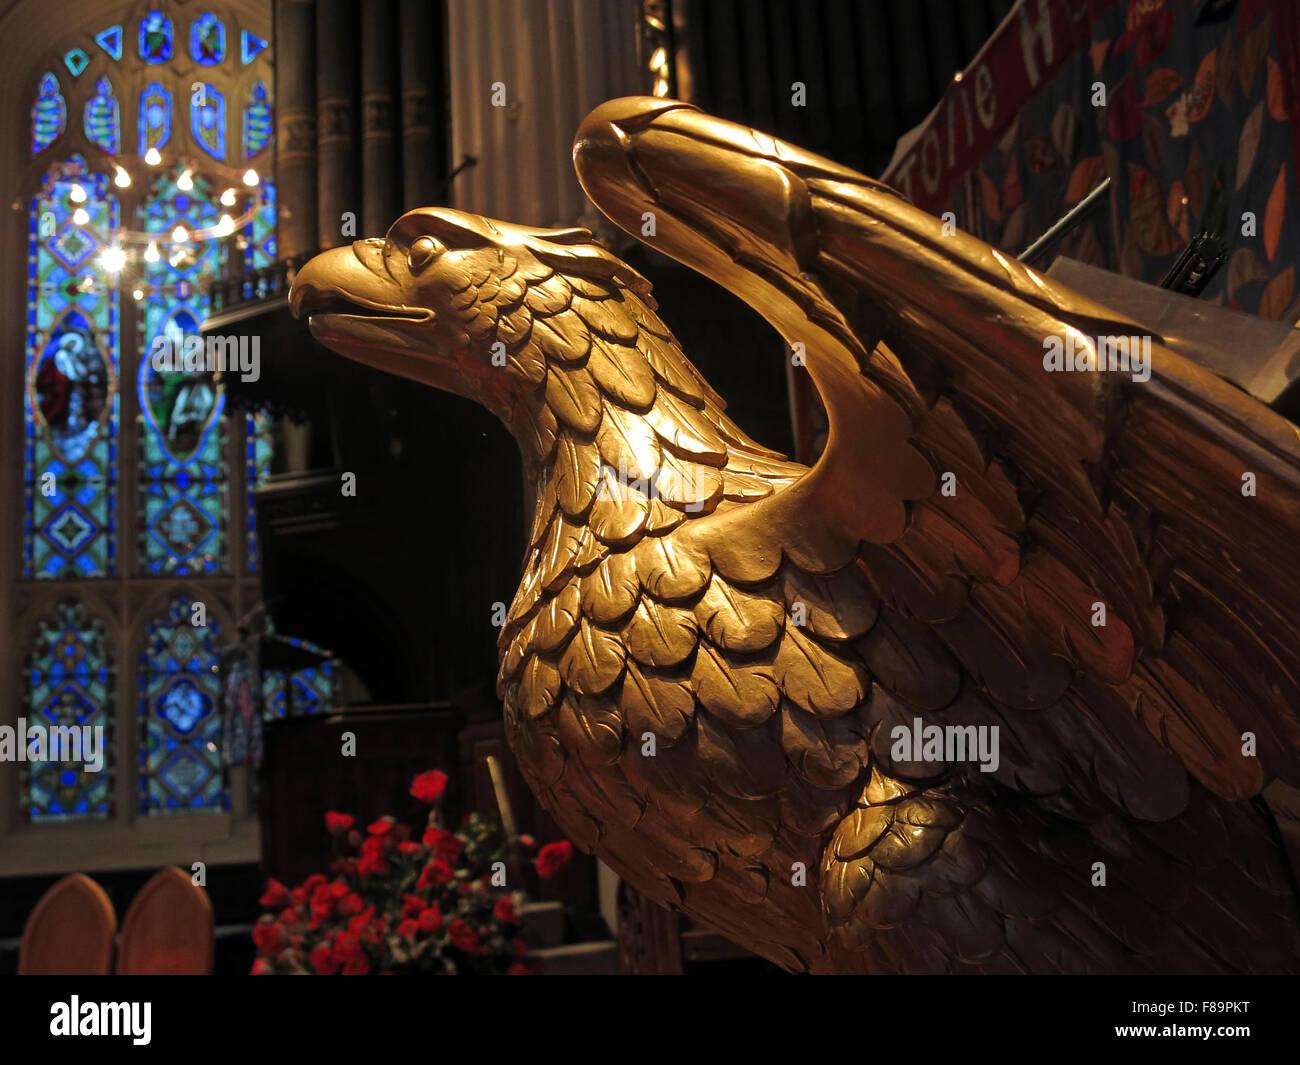 Laden Sie dieses Alamy Stockfoto Kommissioniertische Golden Eagle an der St. Johns Kirche, Lothian Road, Edinburgh, Scotland, UK - F89PKT